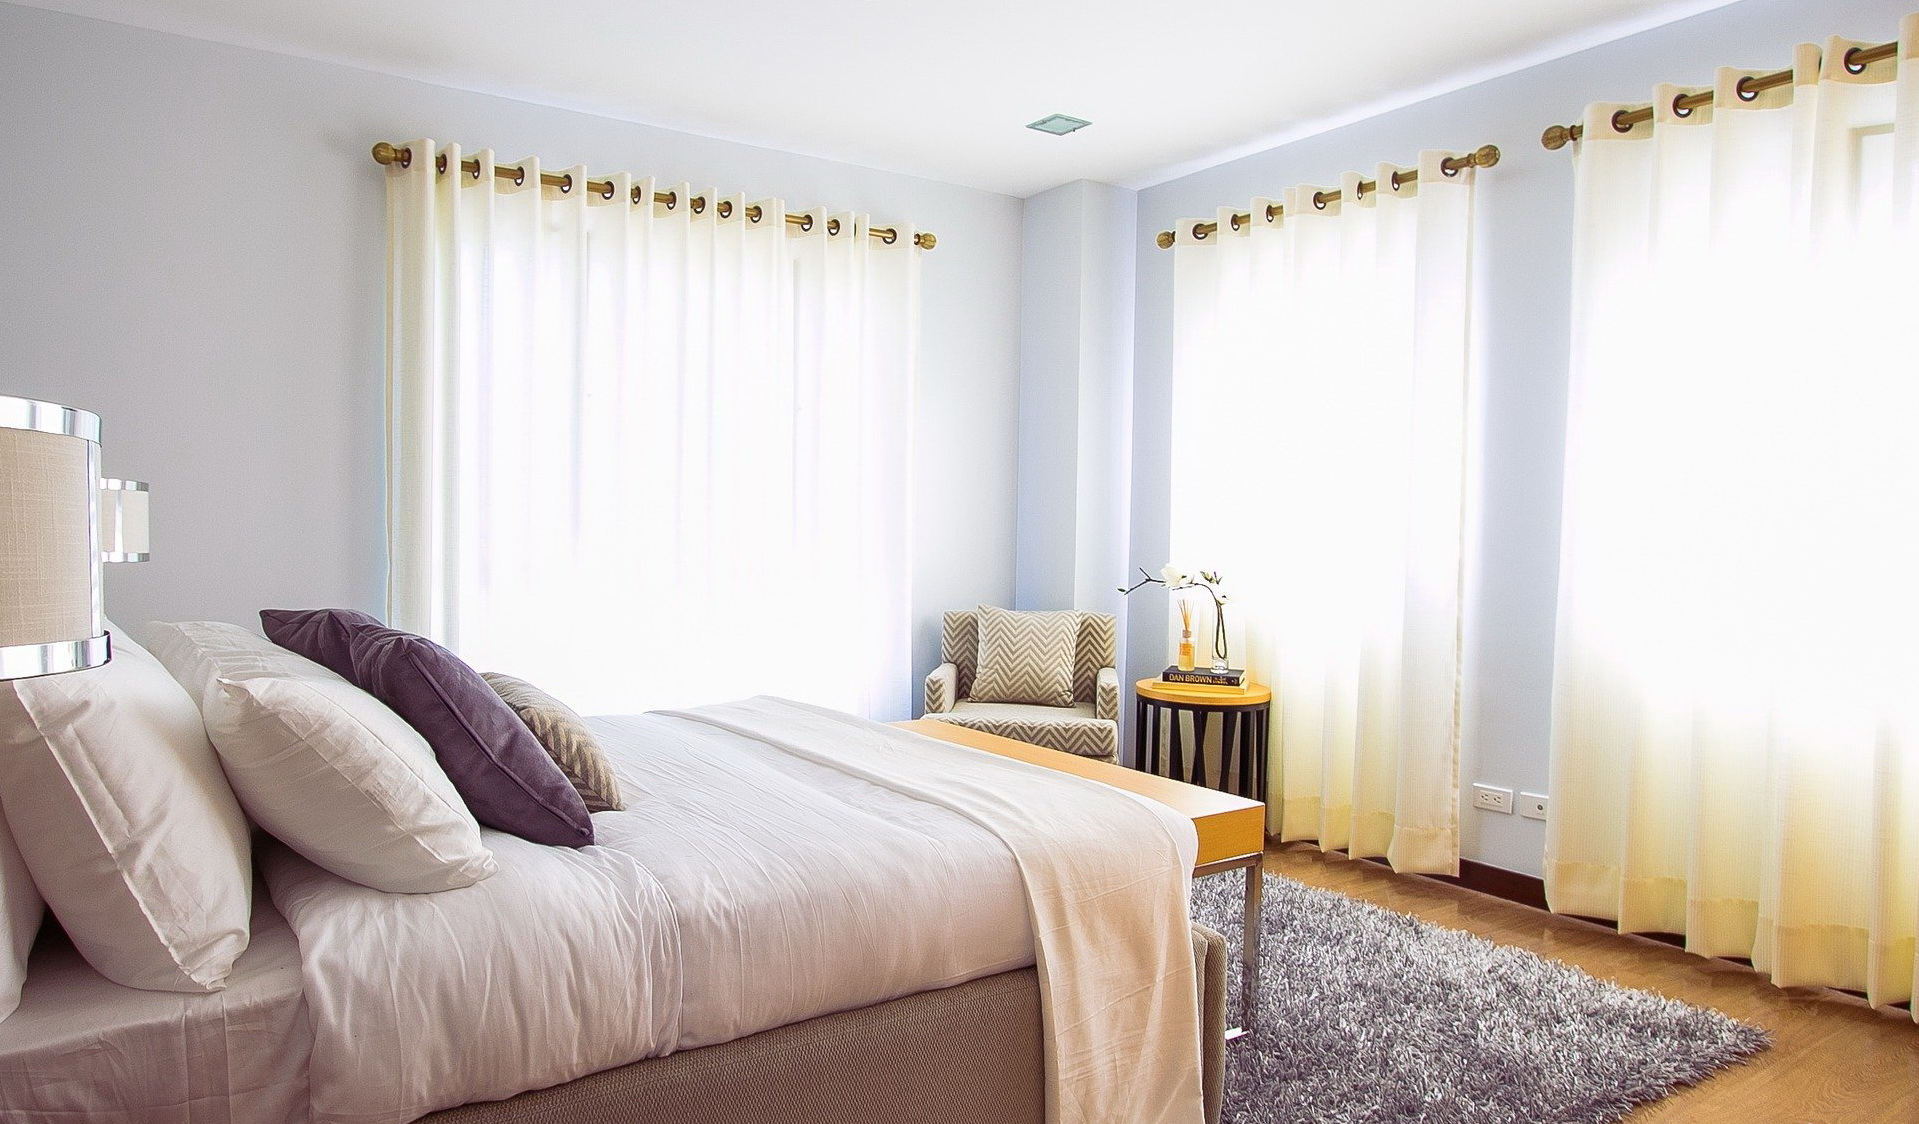 Как выбрать шторы в спальню? 63 фото как подобрать их к обоям и к другим элементам интерьера? какие шторы и тюль сейчас в моде? советы специалистов